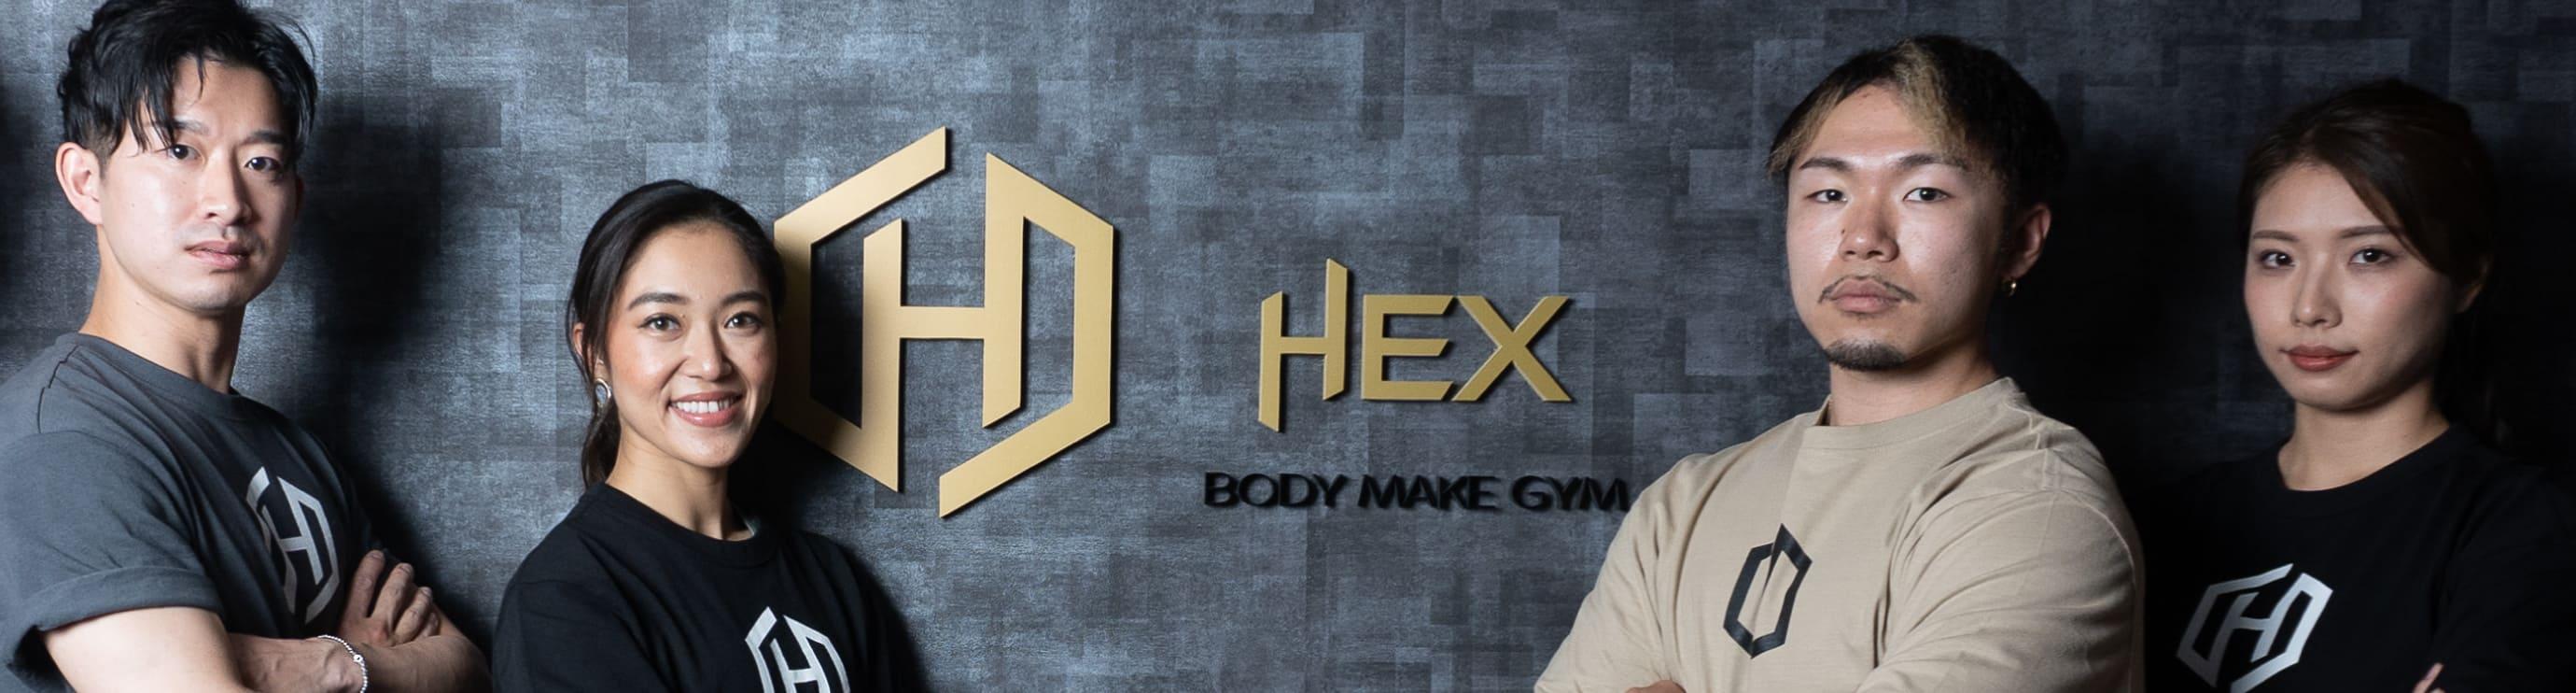 私たちの信念|Body make gym HEX(へクス)